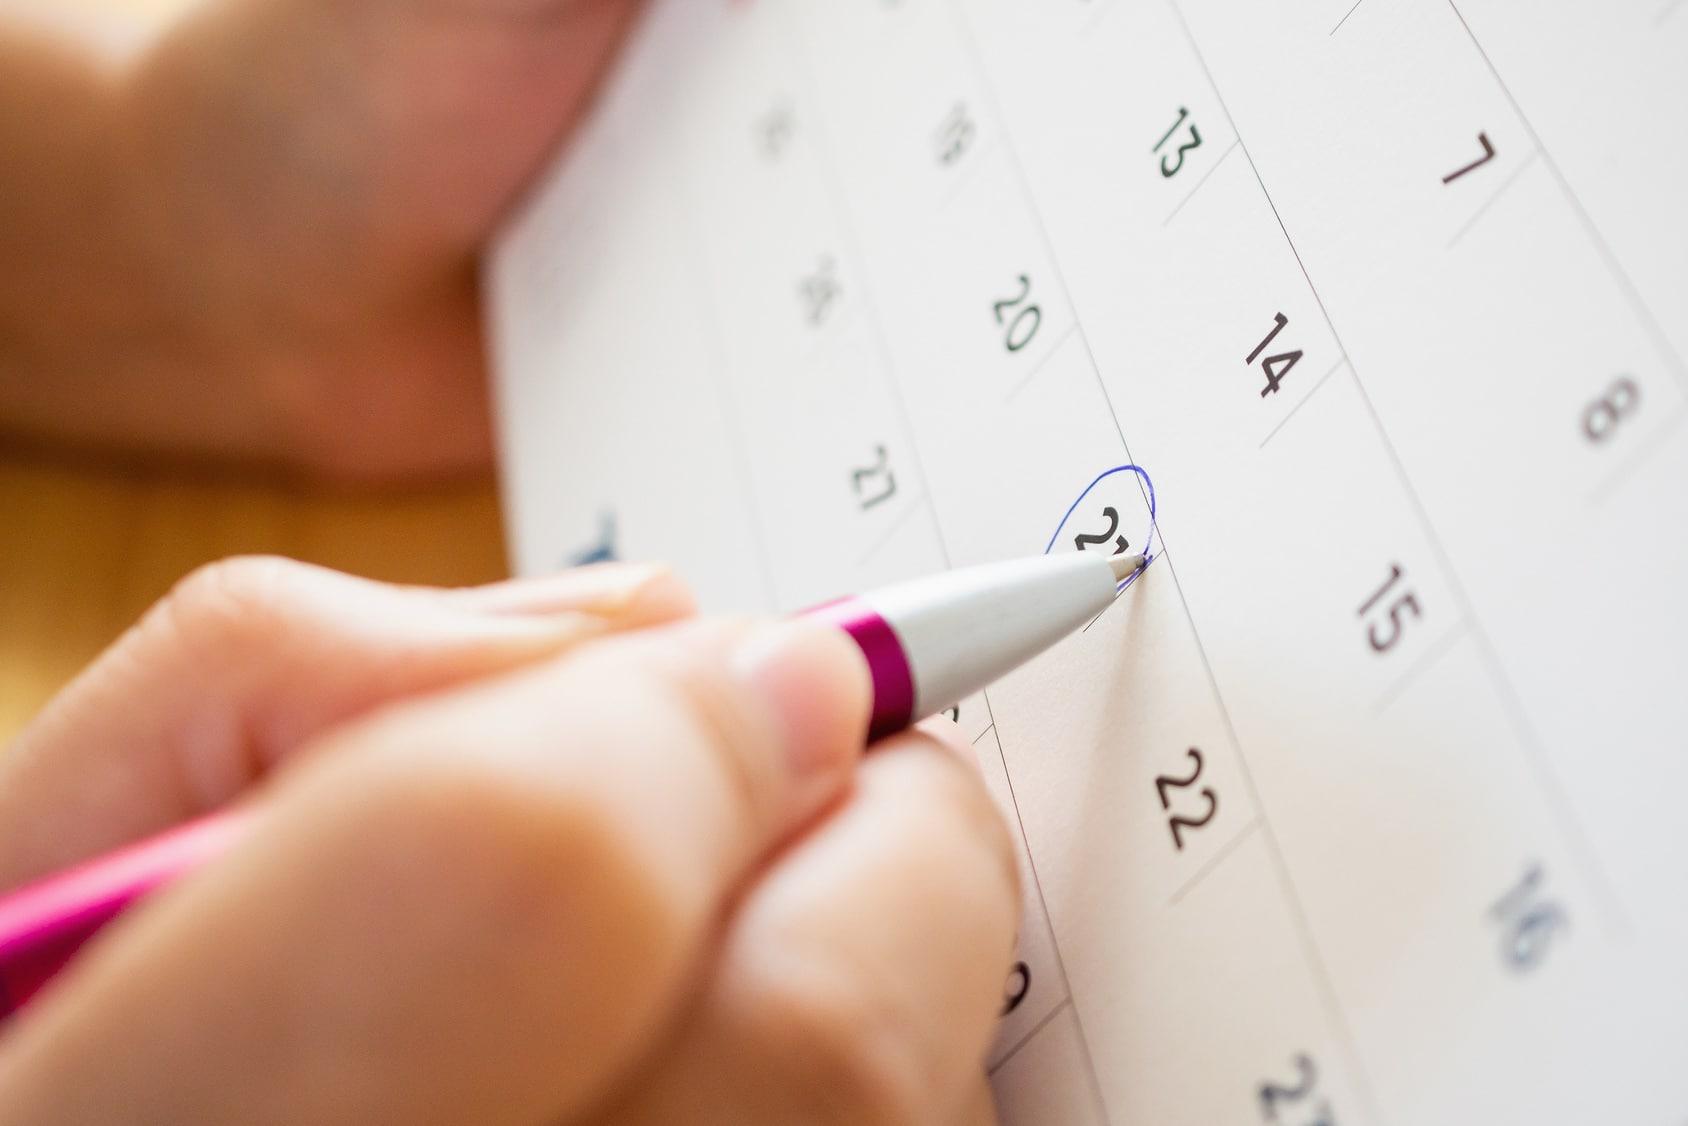 Welche Fristen gelten für die Anfechtung von Beschlüssen im Verein?